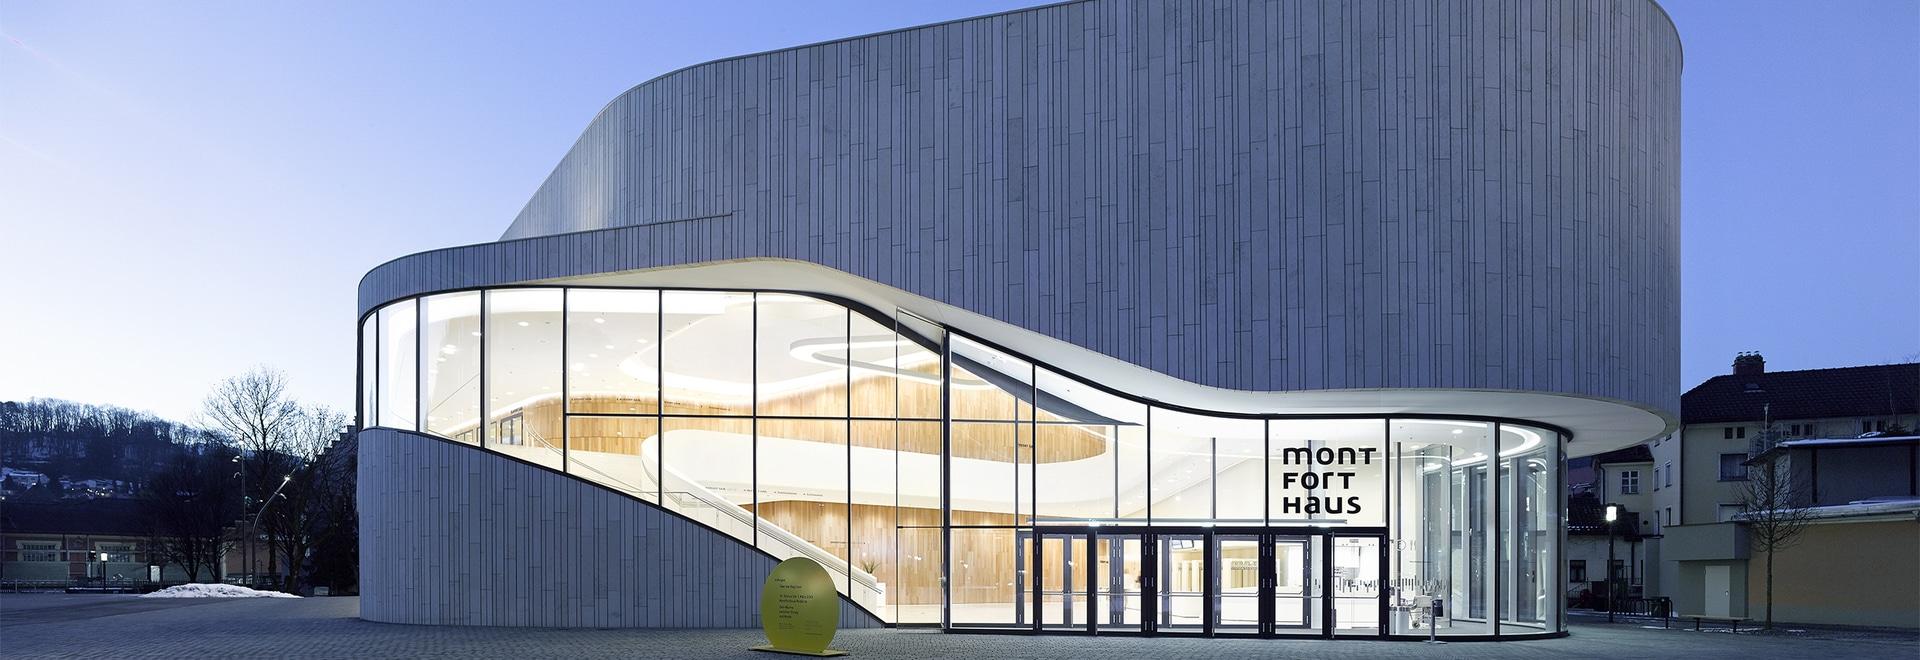 Zumtobel ilumina Montforthaus con una nueva solución única de la iluminación del LED